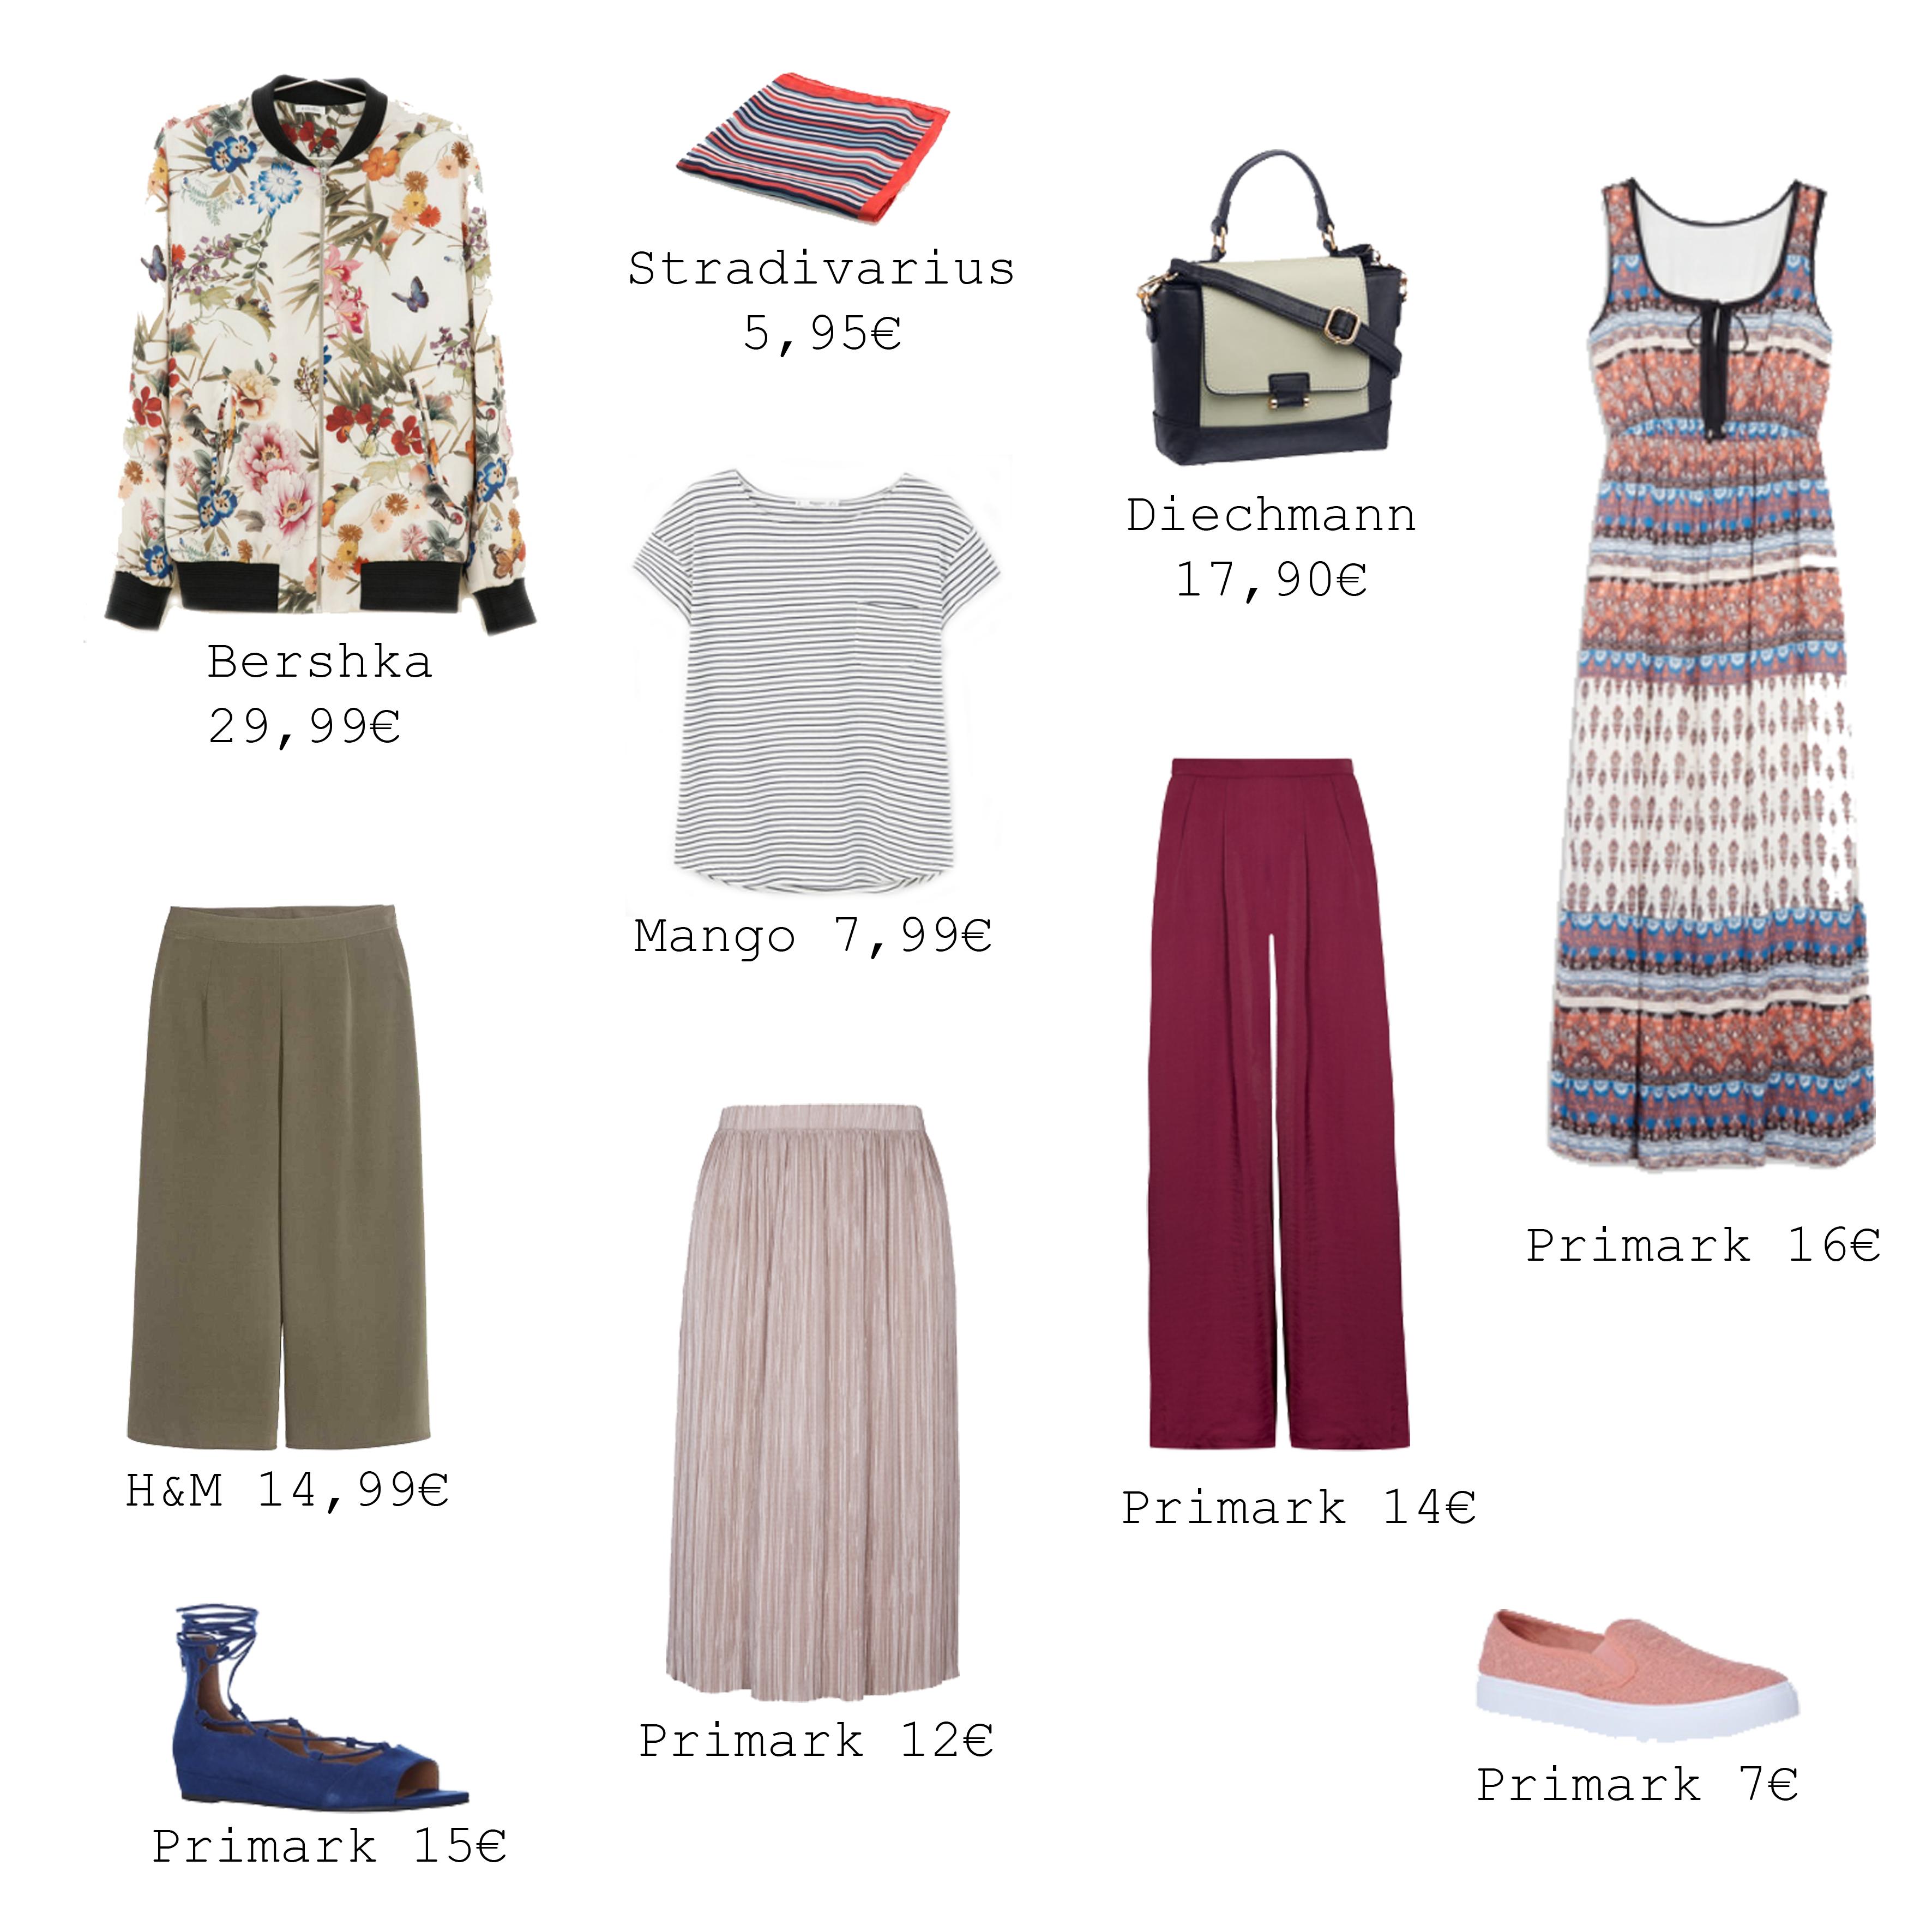 8156482d743f Sugestões tendências low-cost - Dress For Success Lisboa